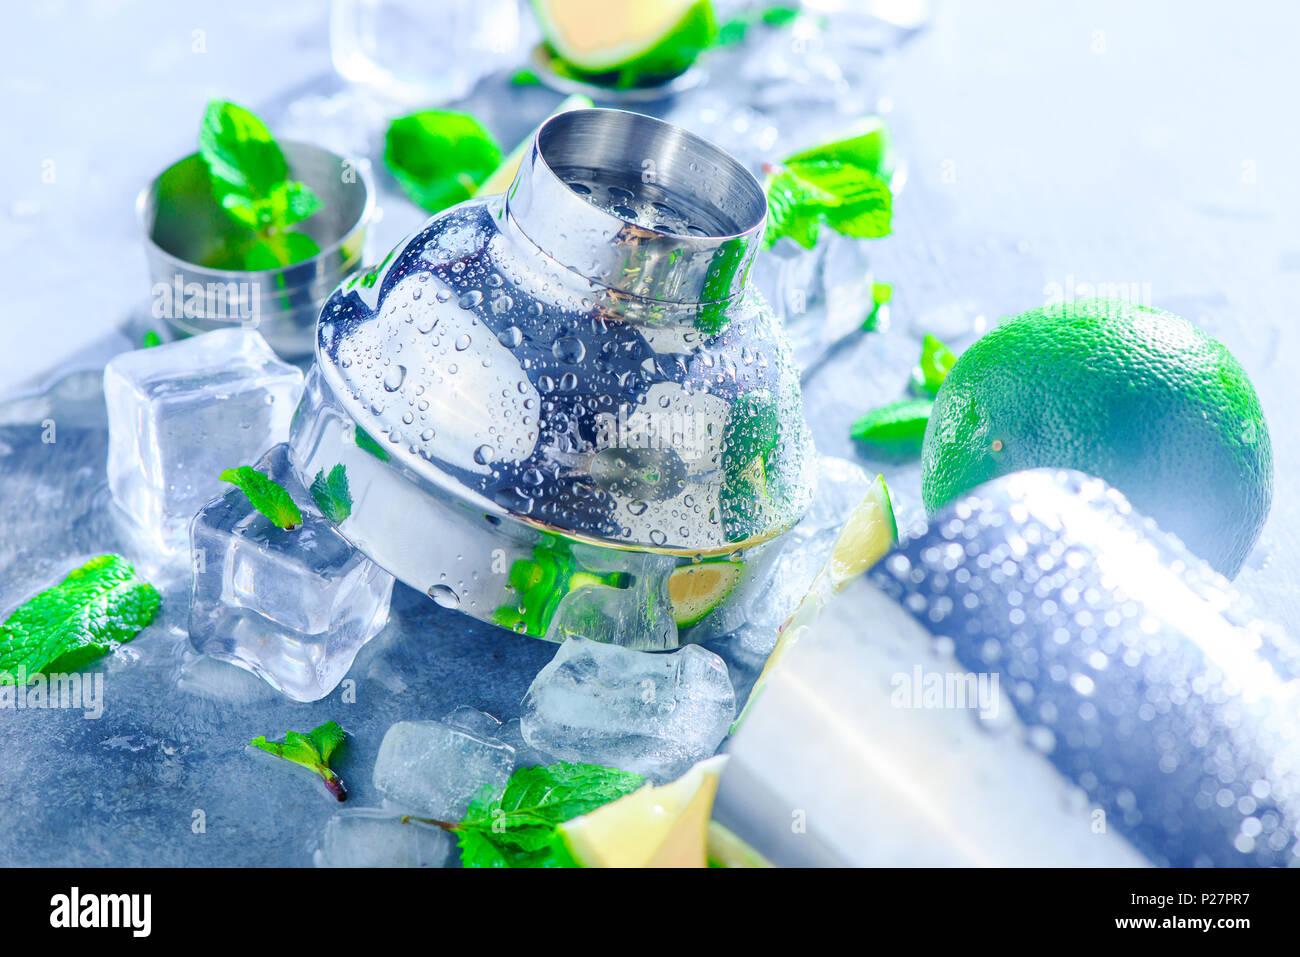 Agitador y accesorios bar cerca. Cóctel Mojito ingredientes, Menta, Limón y cubitos de hielo sobre un fondo de piedra gris. Concepto de bebida de verano con copia Imagen De Stock